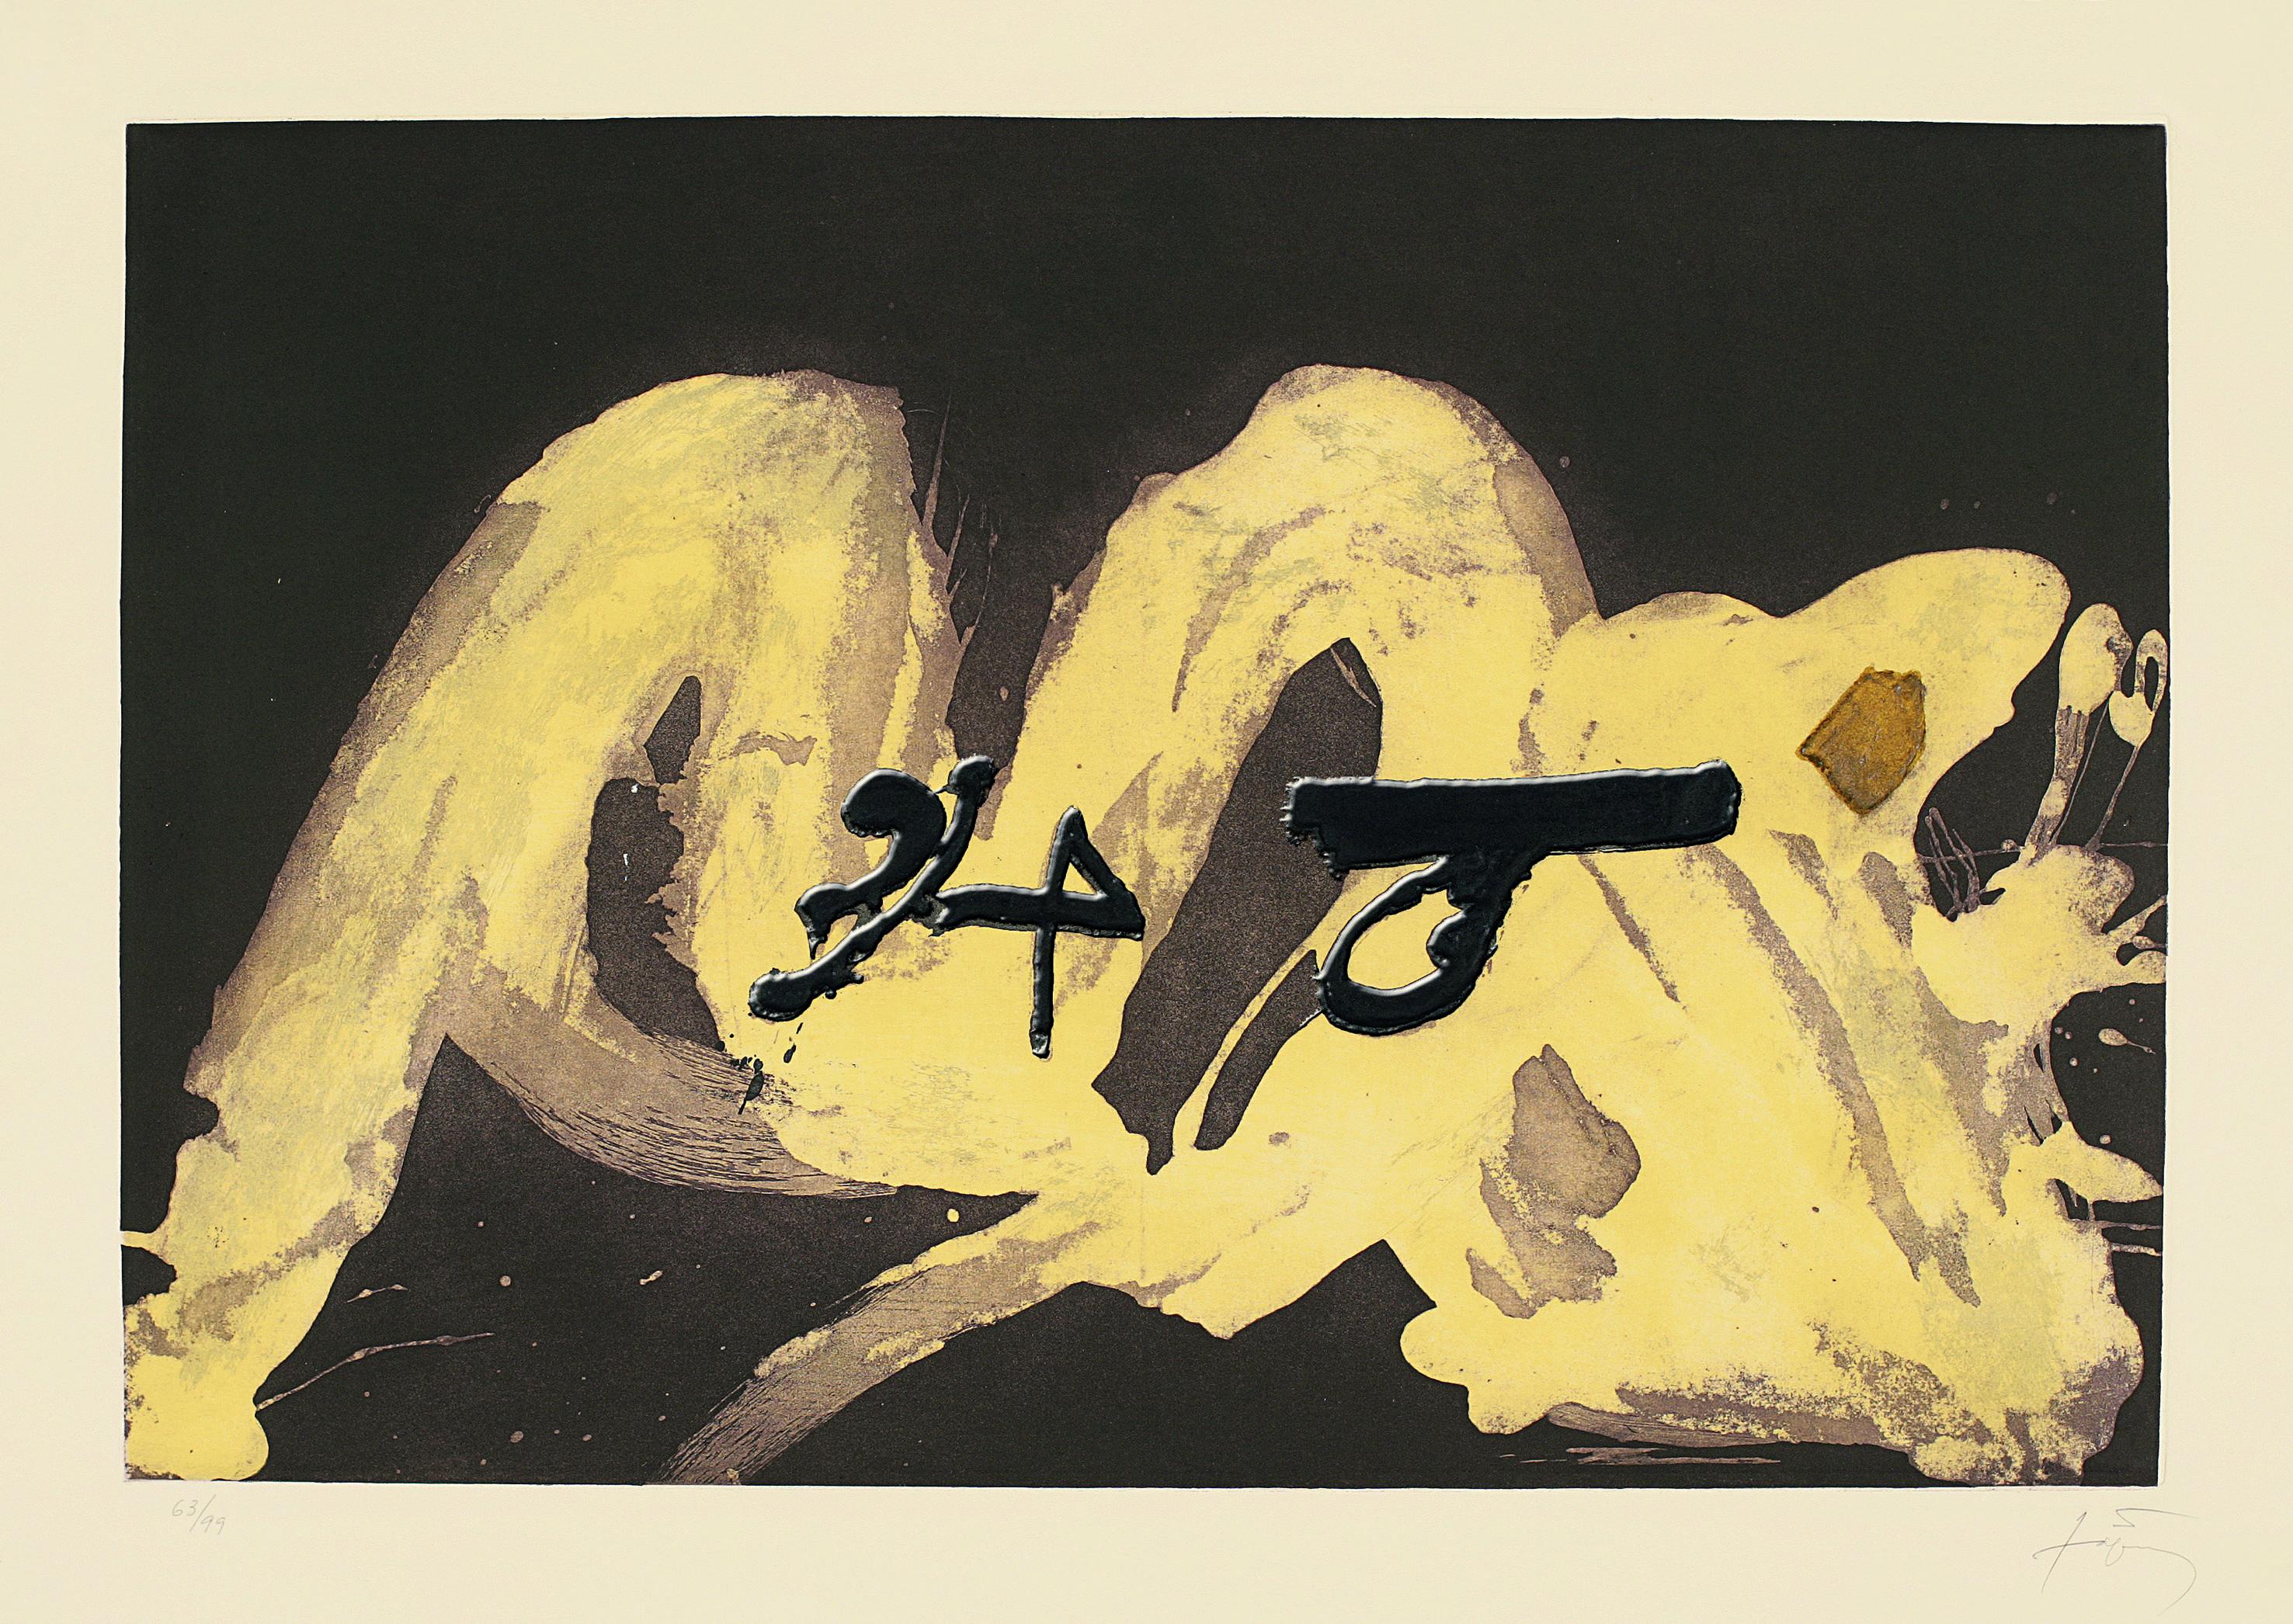 """Antoni Tàpies """"3 i 4"""" (3 et 4) Gravure"""